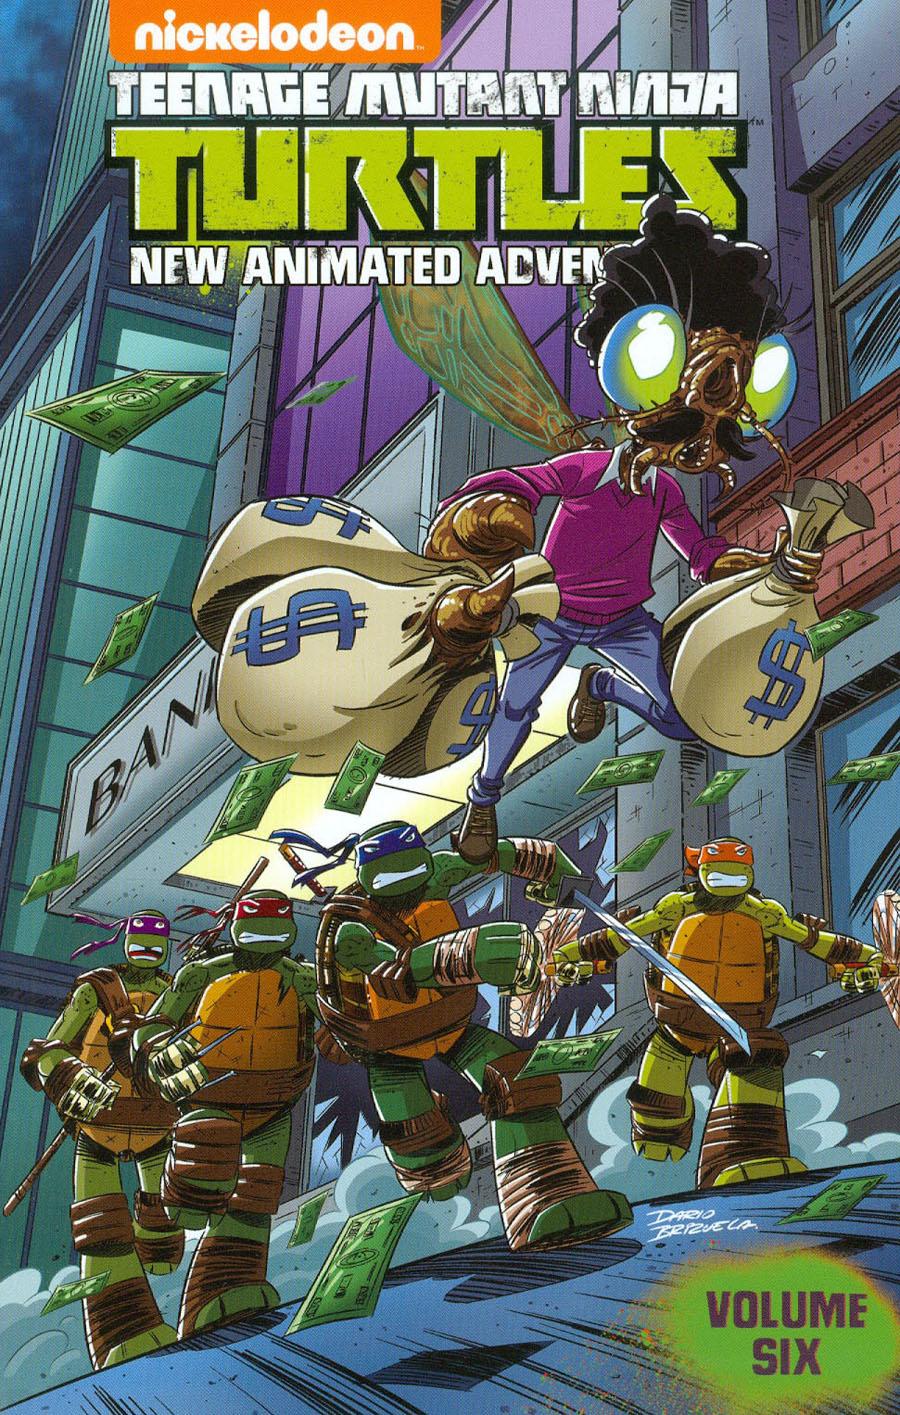 Teenage Mutant Ninja Turtles New Animated Adventures Vol 6 TP